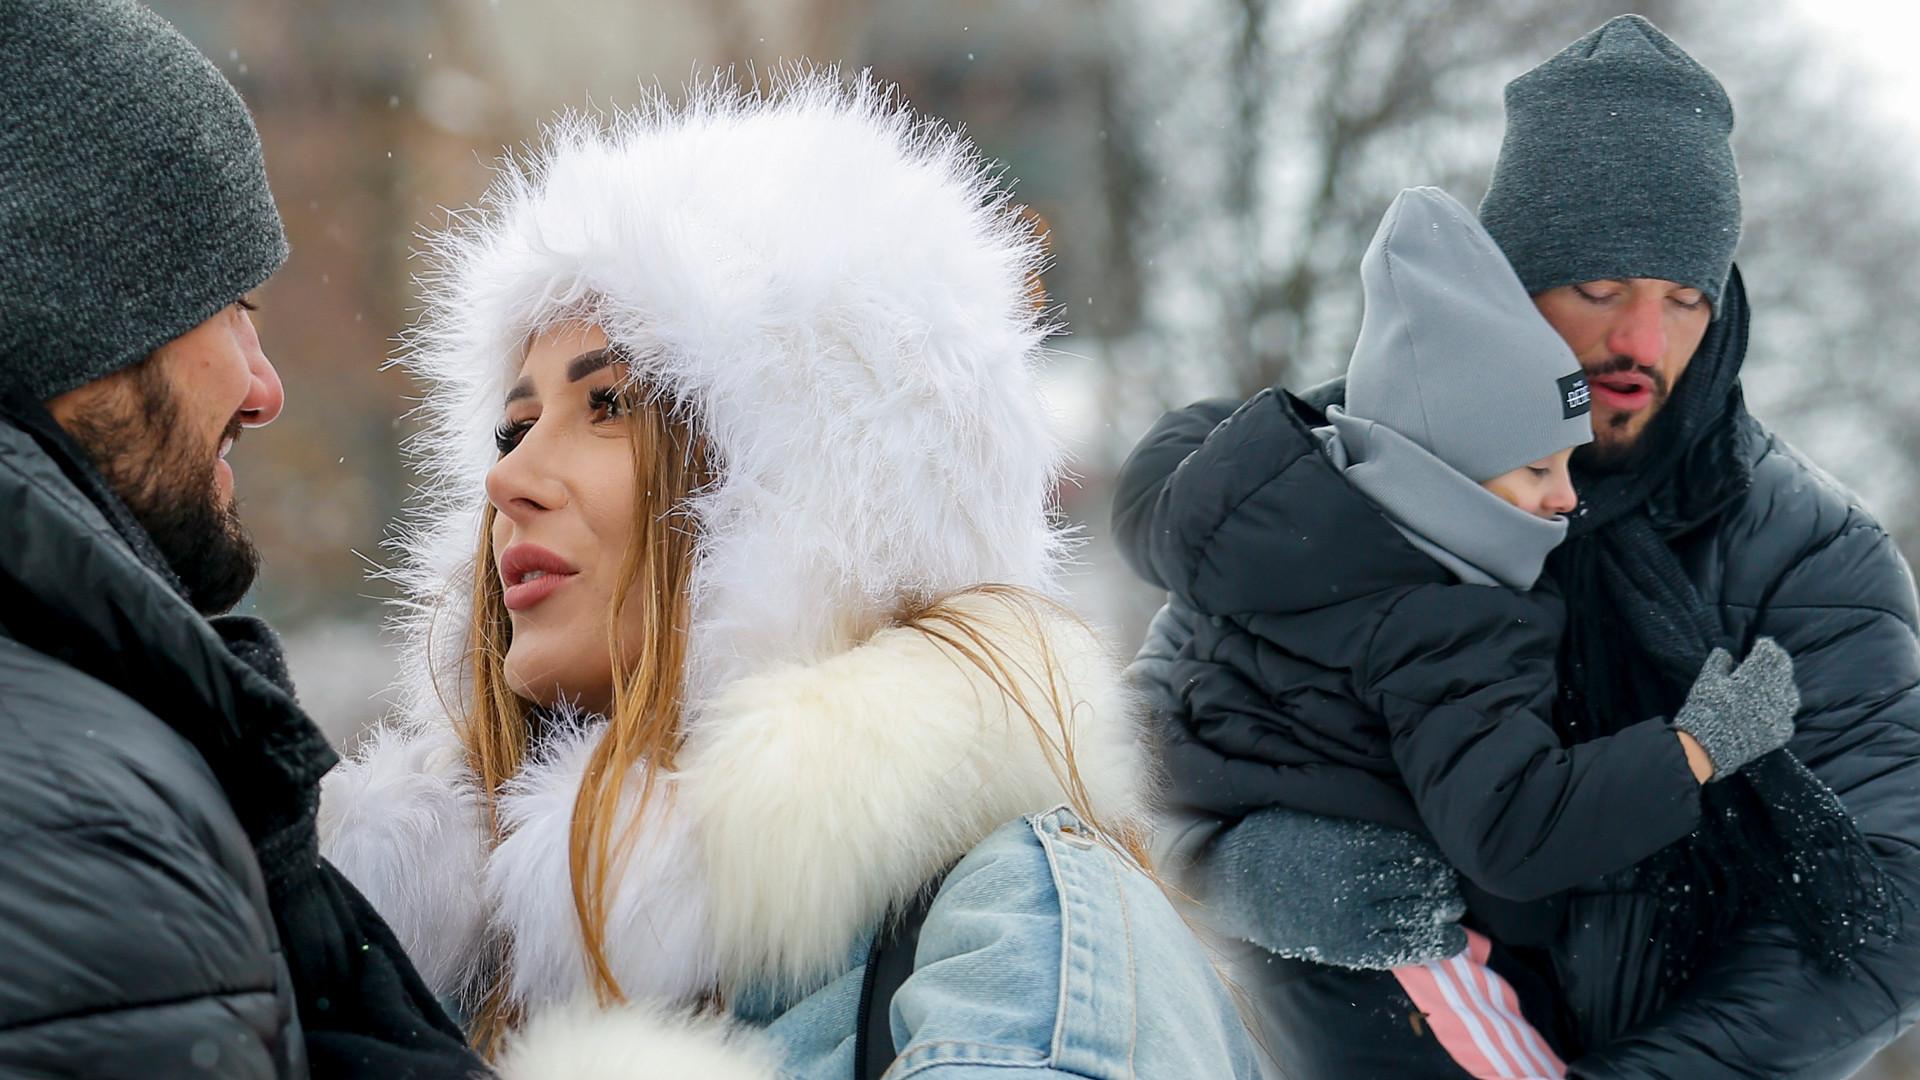 Eliza i Paweł Trybała z córeczkami bawią się na śniegu (ZDJĘCIA)